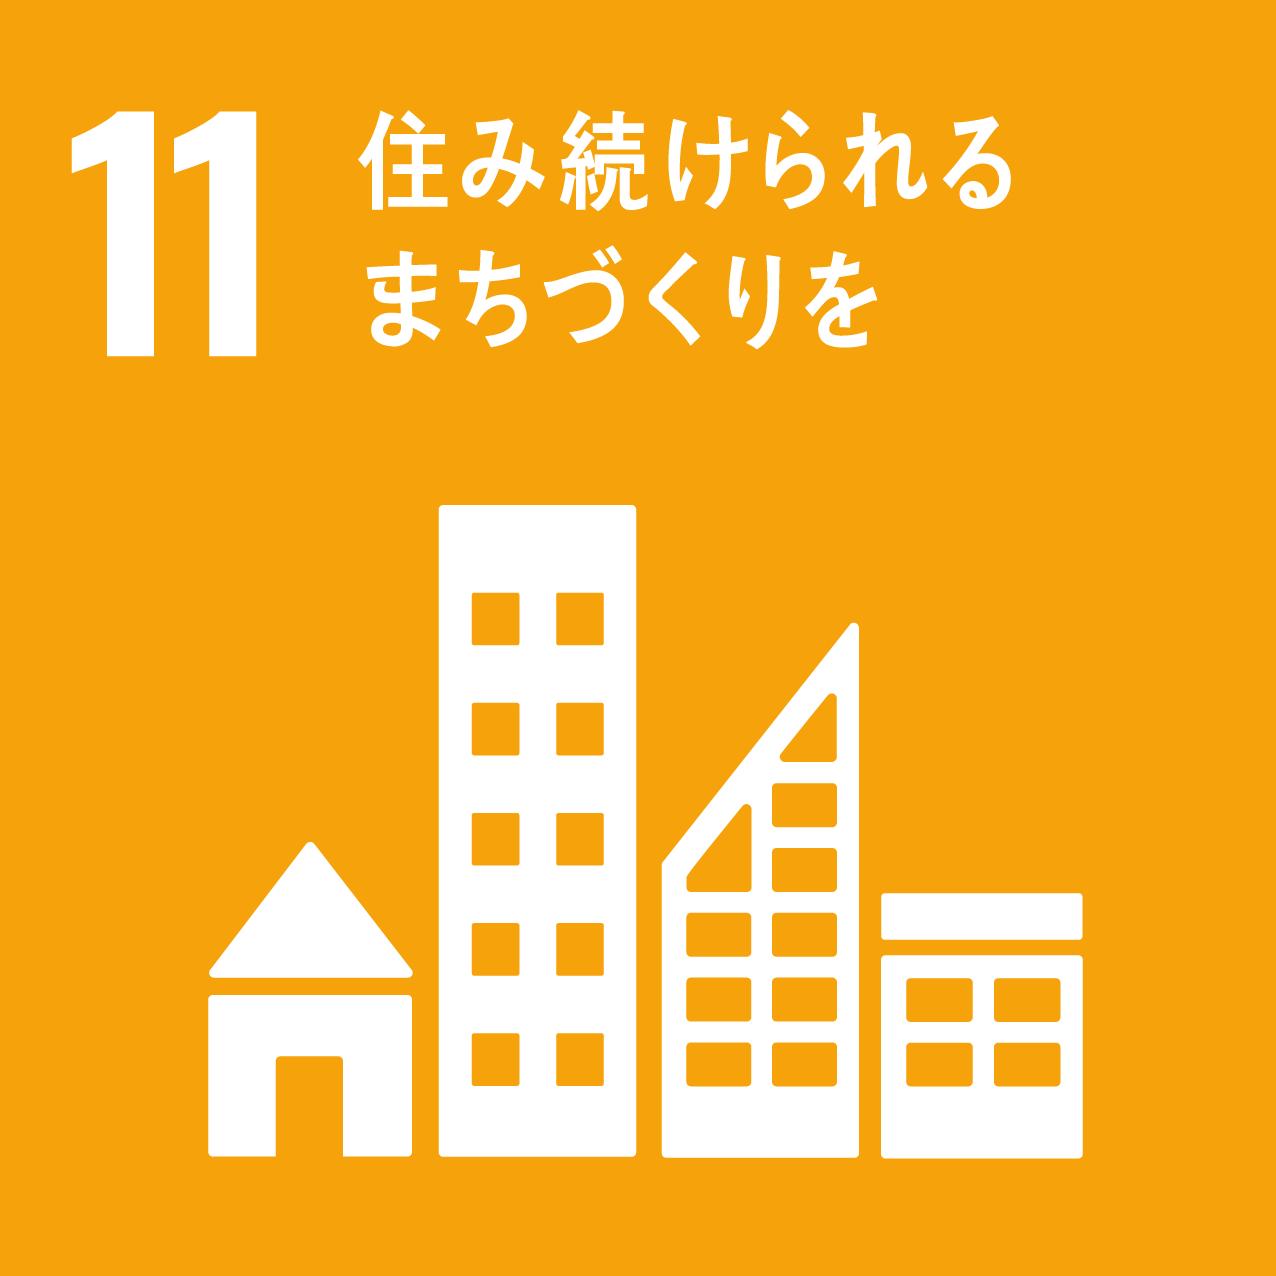 SDGs 11.住み続けられるまちづくりを